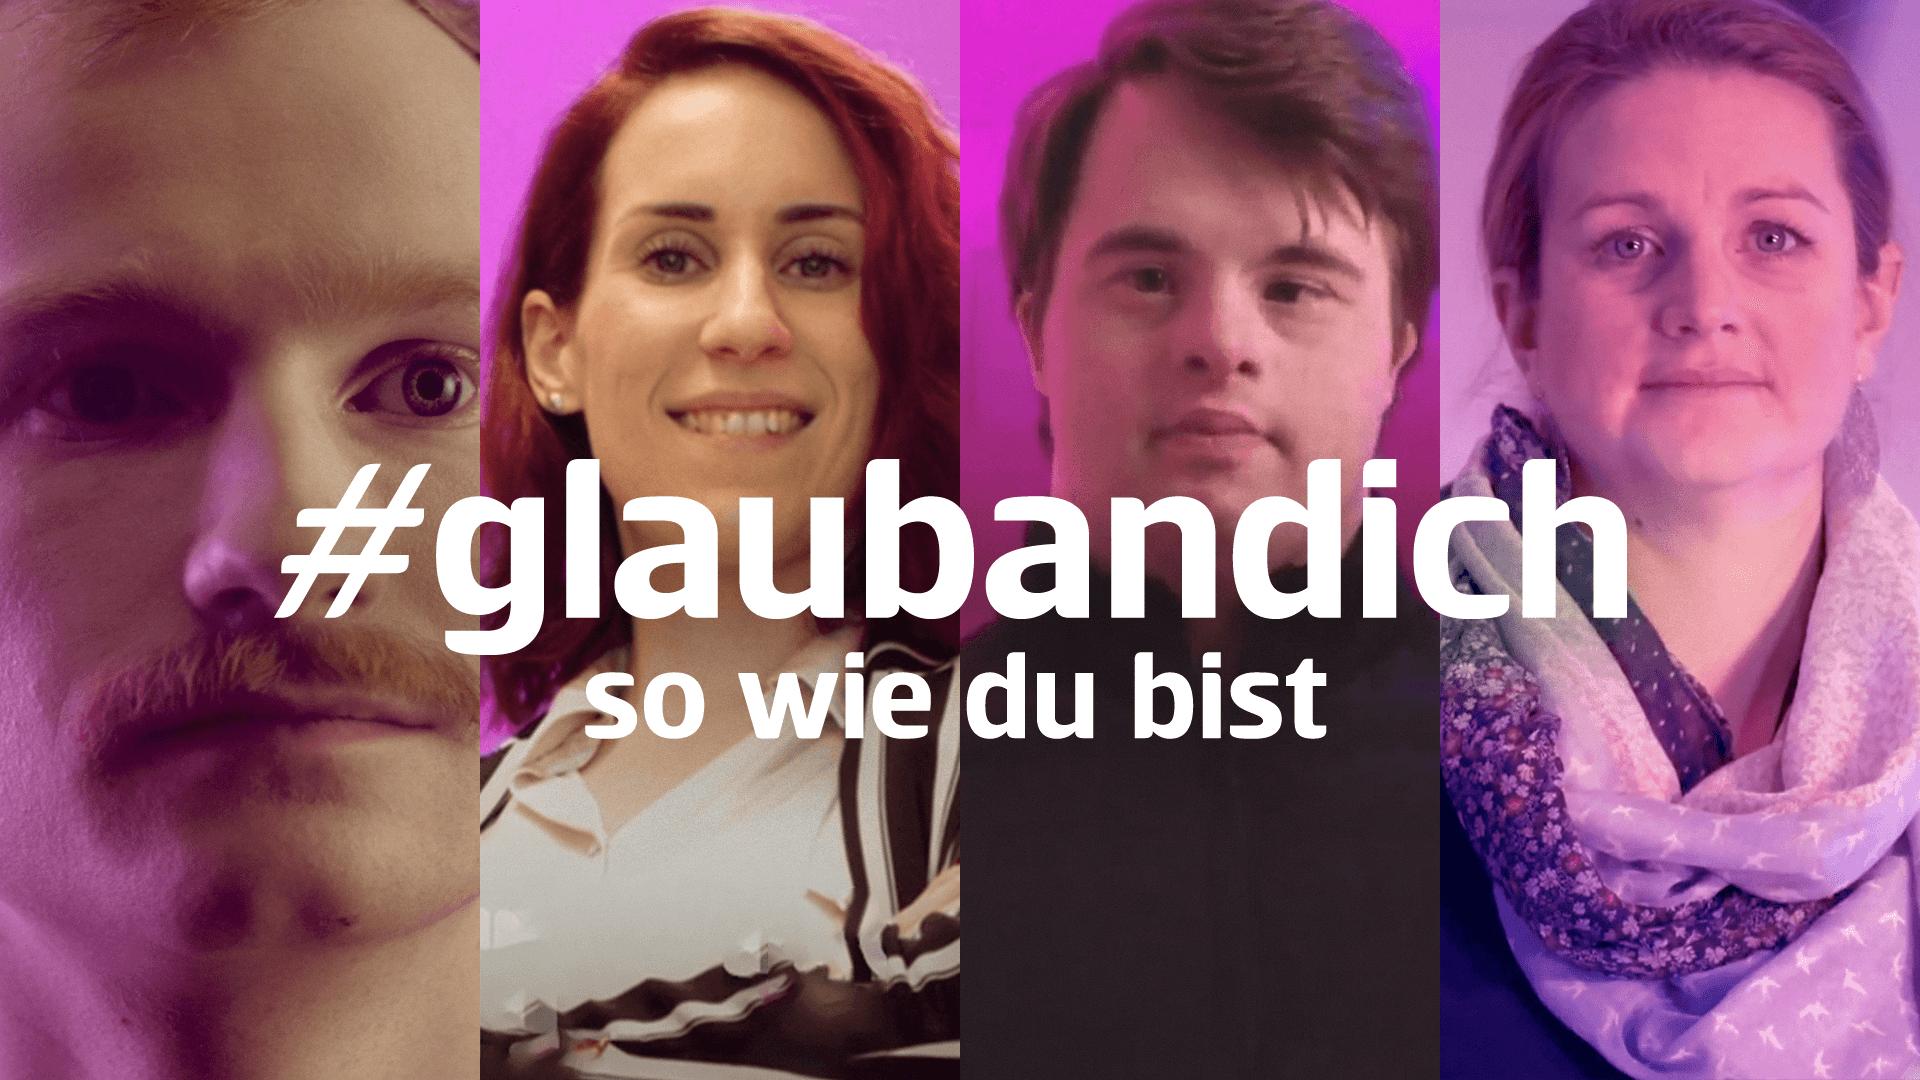 glaubandich-diversity-1